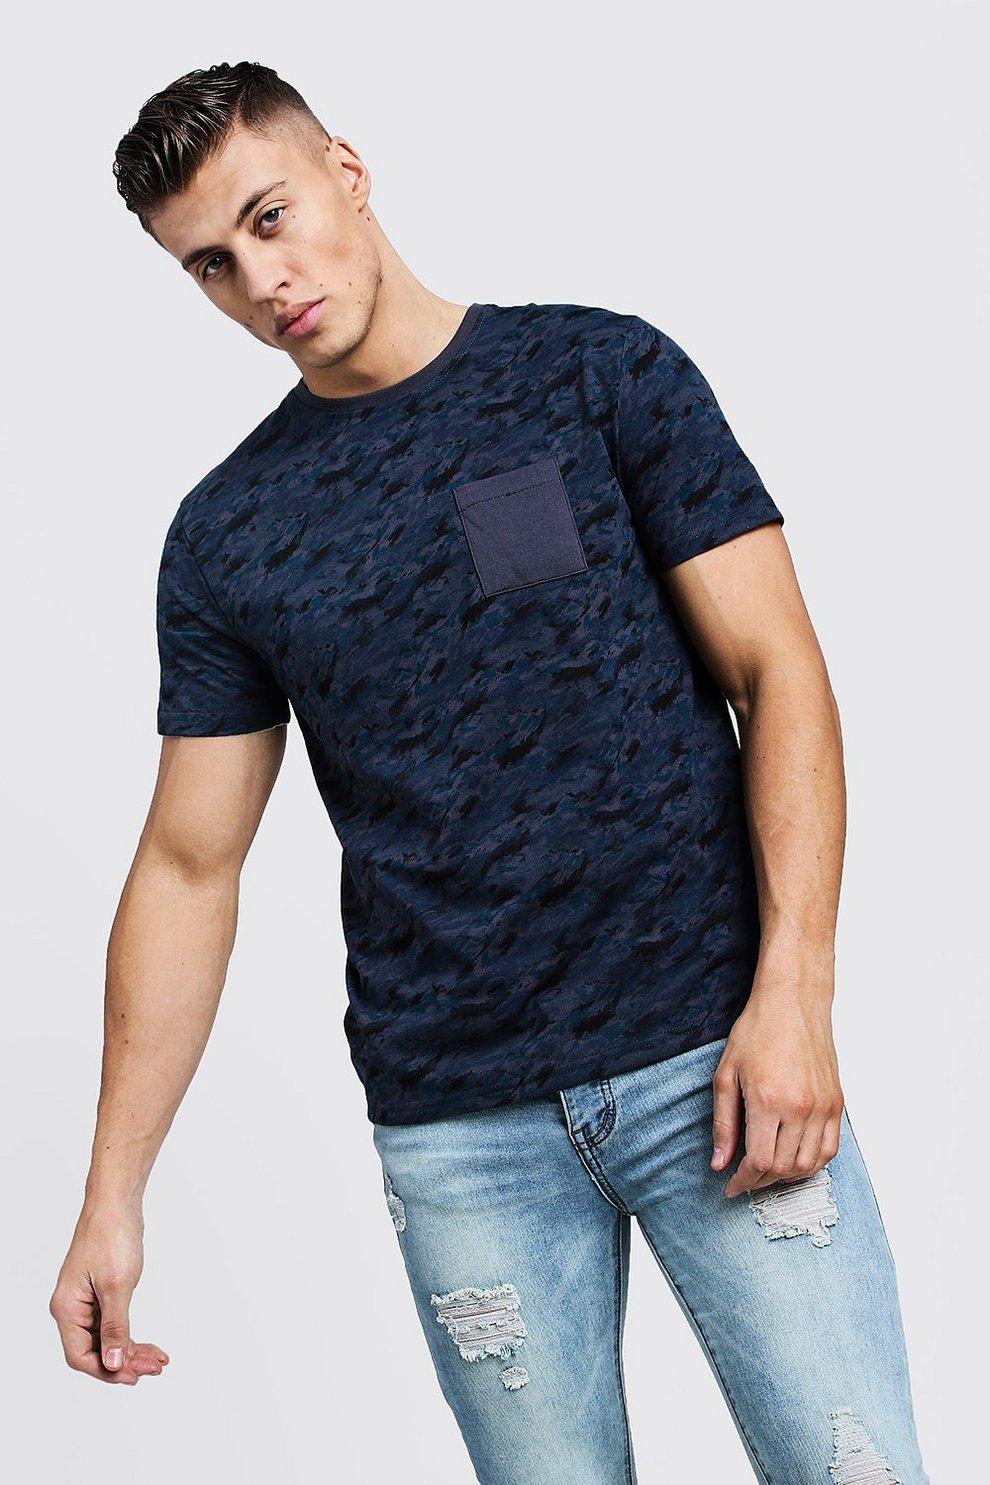 Estampado De Bolsillo Y Camiseta Camuflaje Con Detalle 5R34jAL